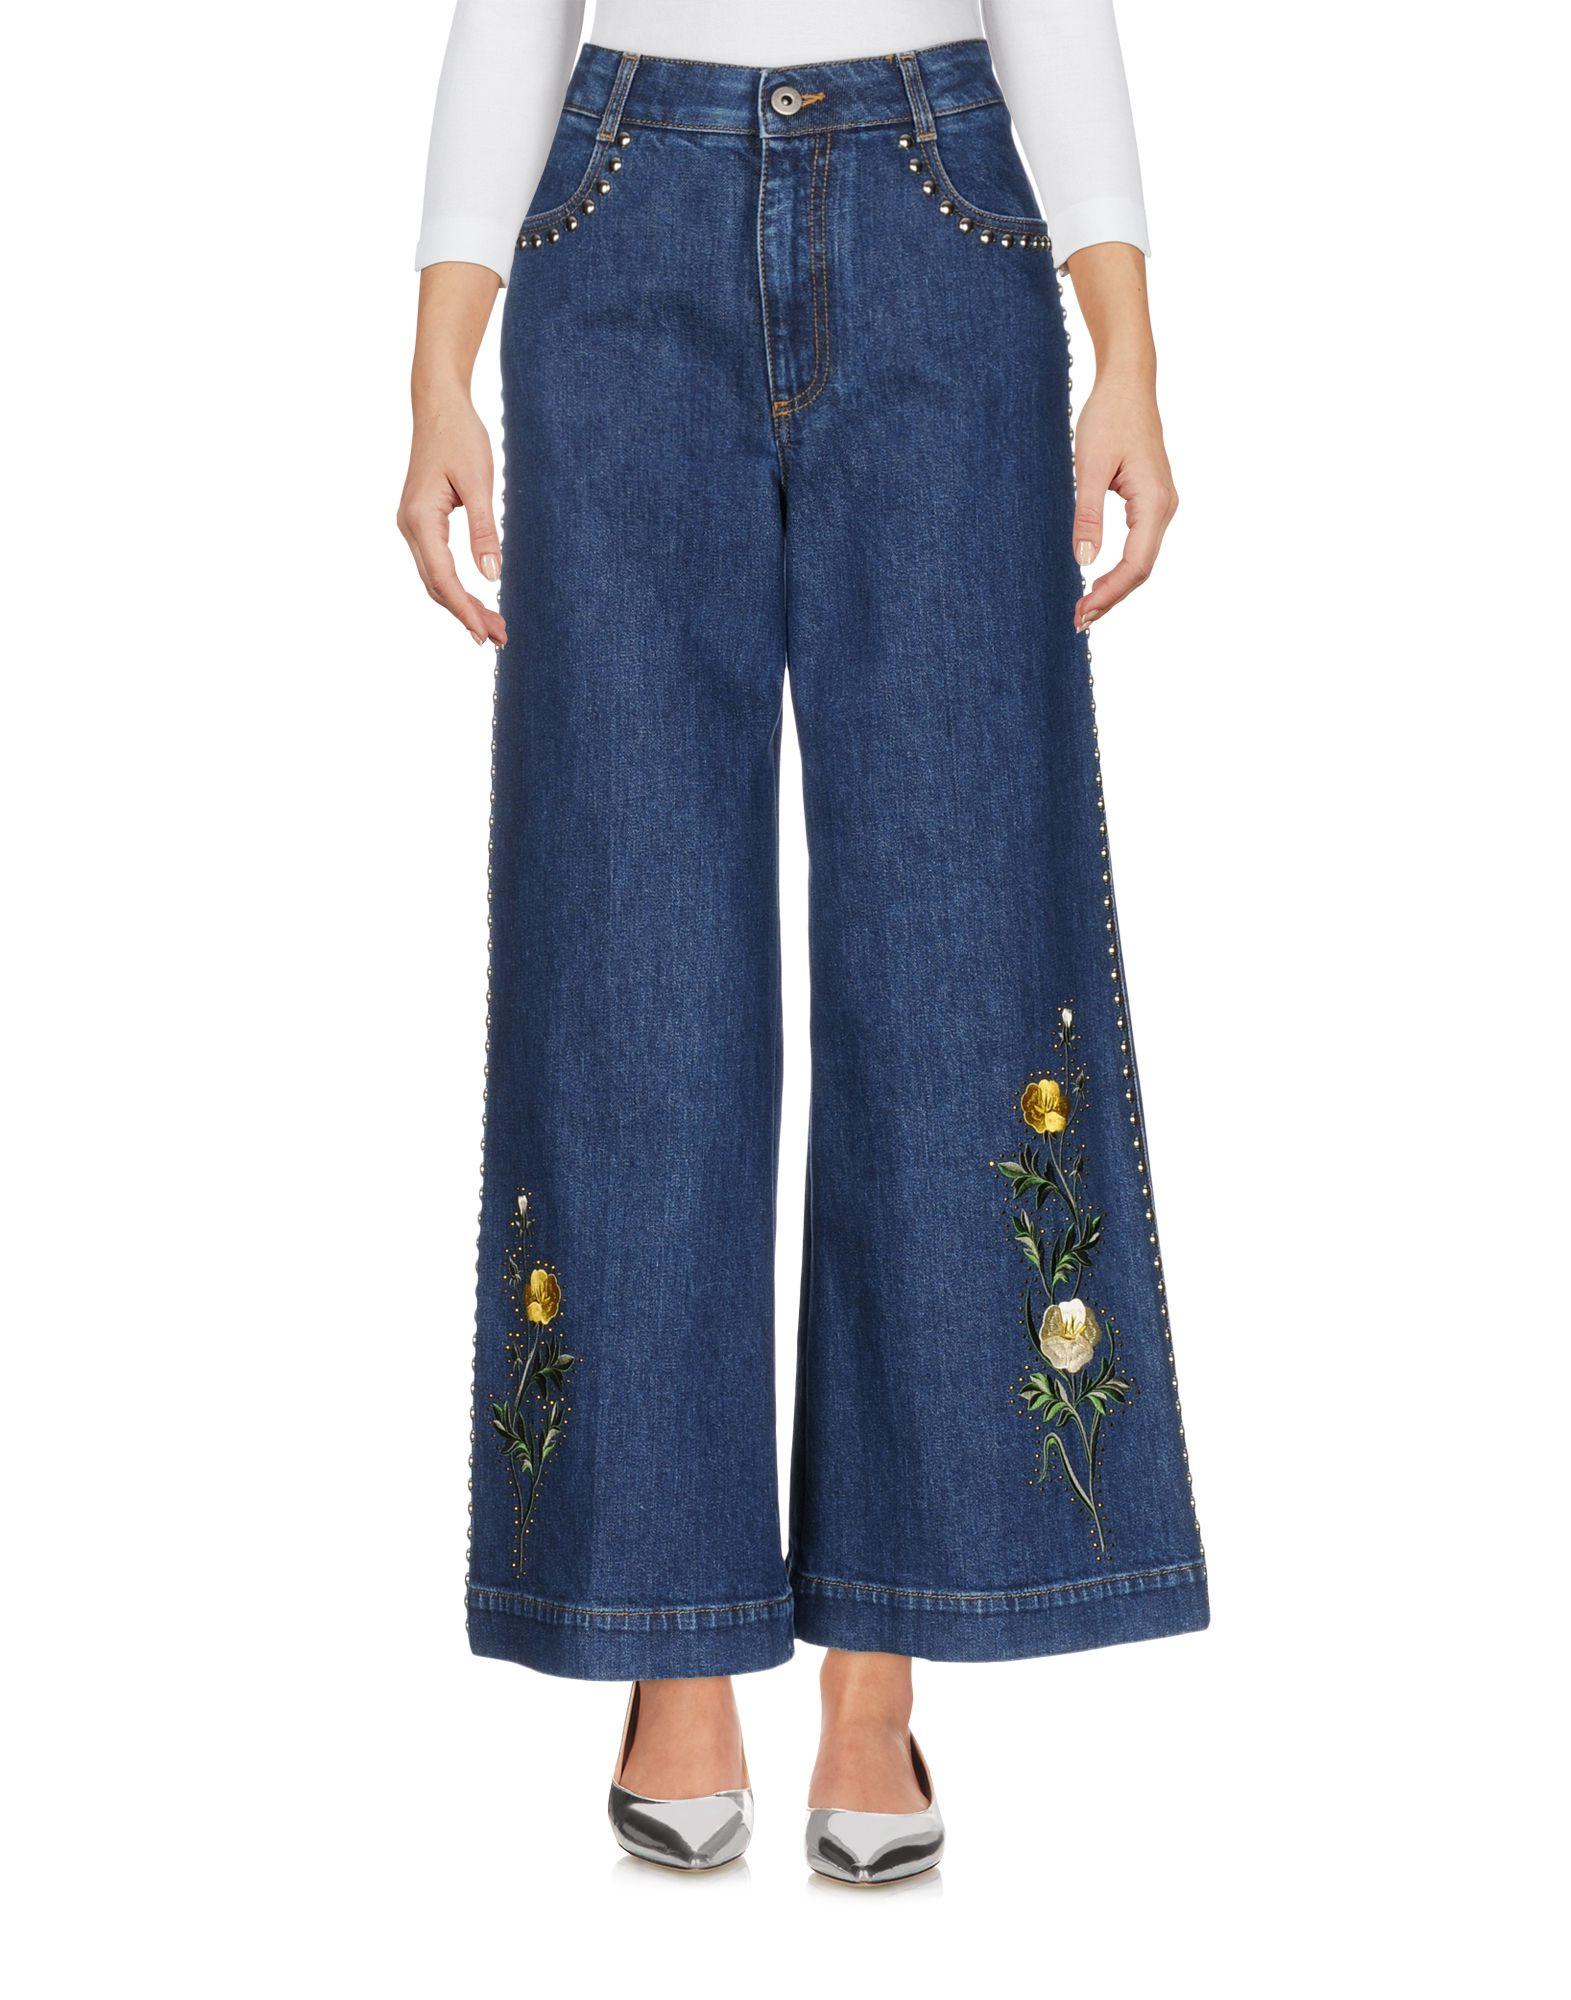 En Jeans Ligne Stella Mccartney FemmesAcheter Pantalon Pour À Les iTOZkuPX